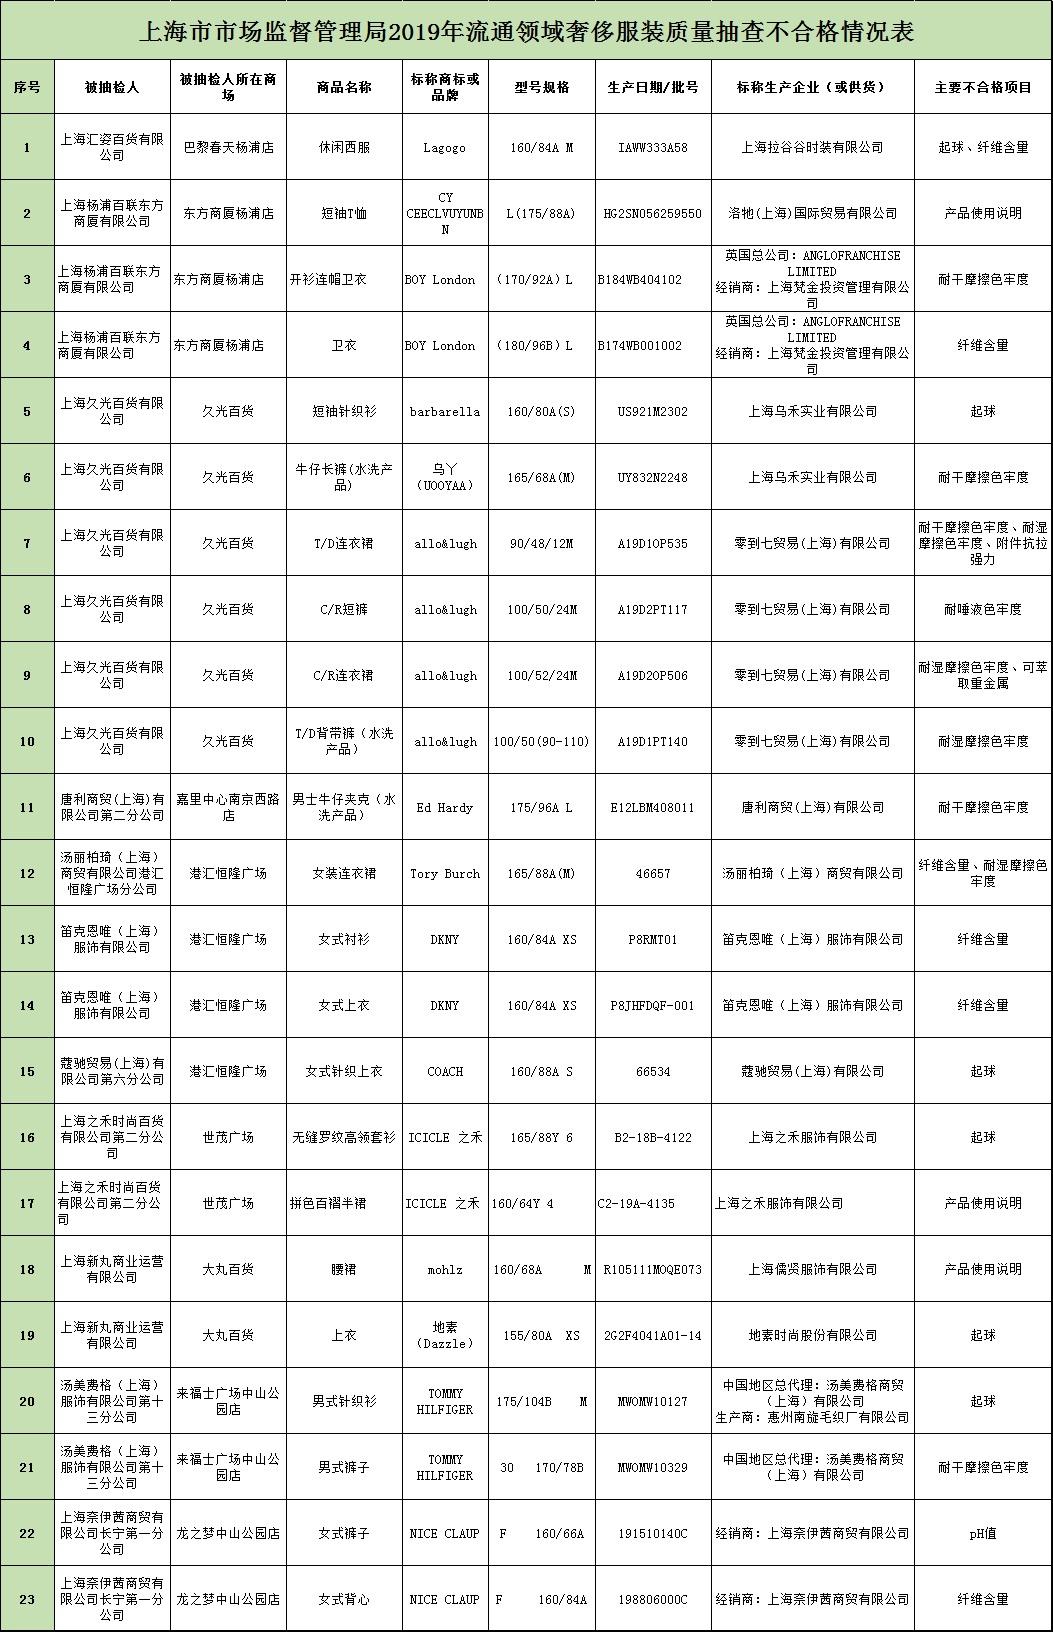 营商环境评价排名:北上深杭广位居城市榜第一阵营